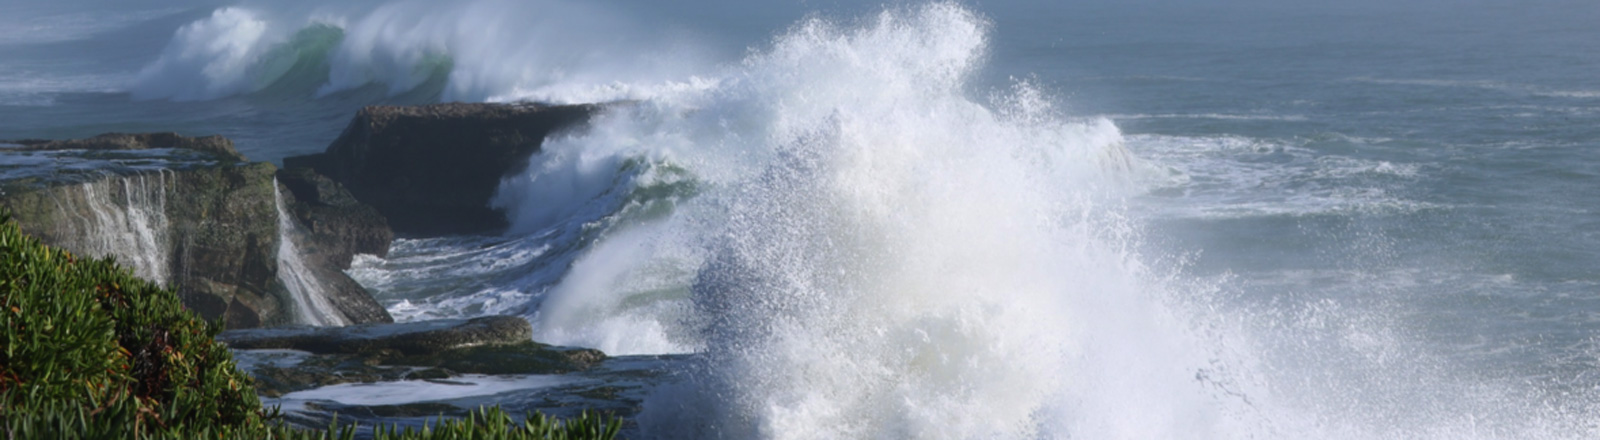 Große Sturmwellen prallen auf die Küste bei Santa Cruz, Kalifornien.